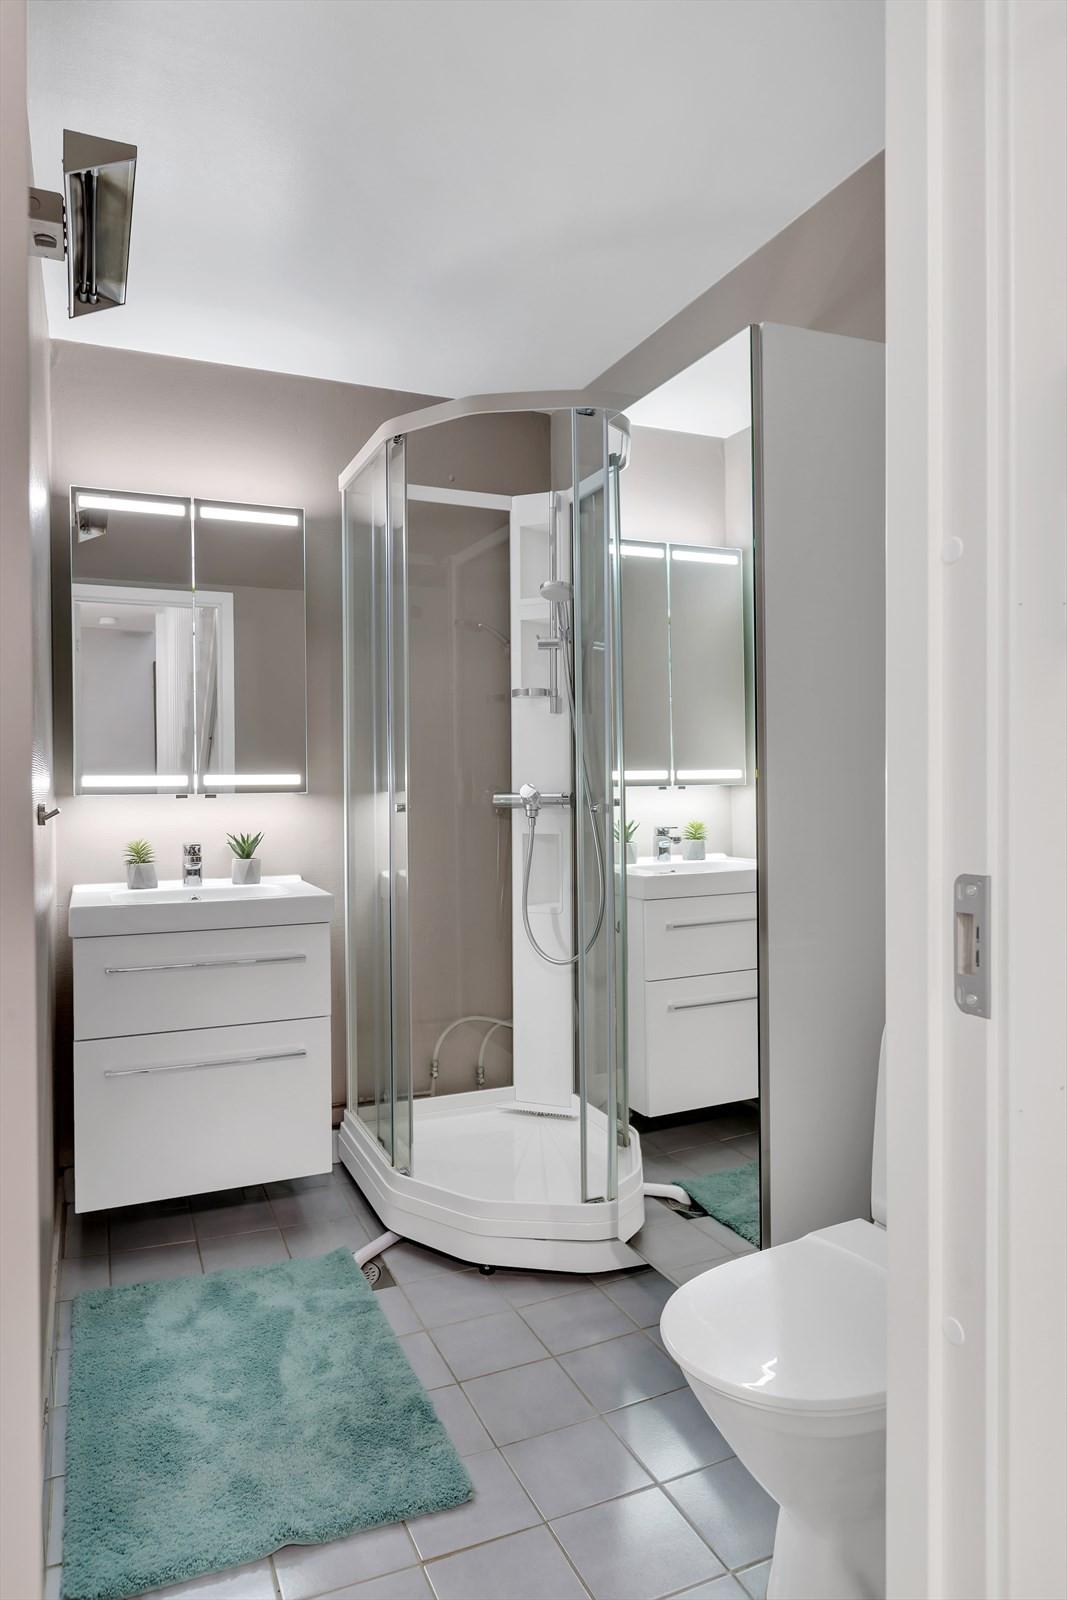 Bad med fliser på gulv. Nyere WC. Dusjkabinett.